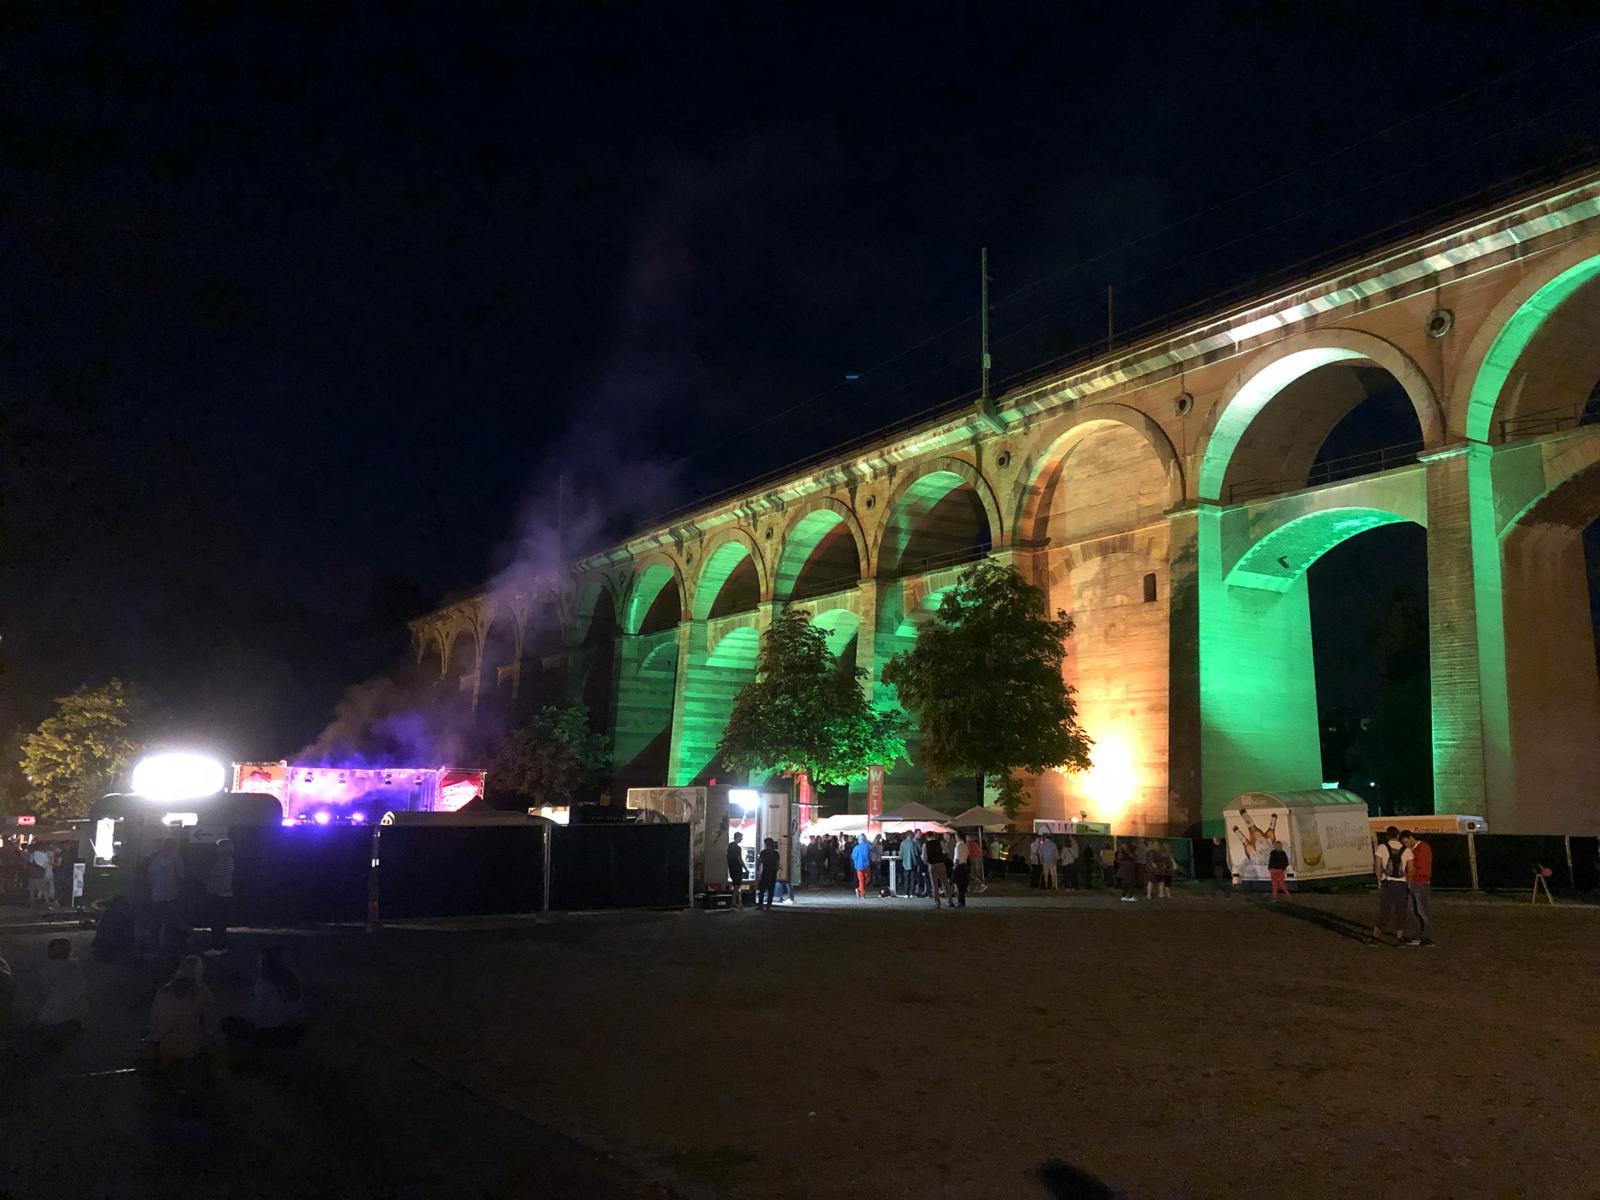 Festplatz am viadukt bietigheim-bissingen parken